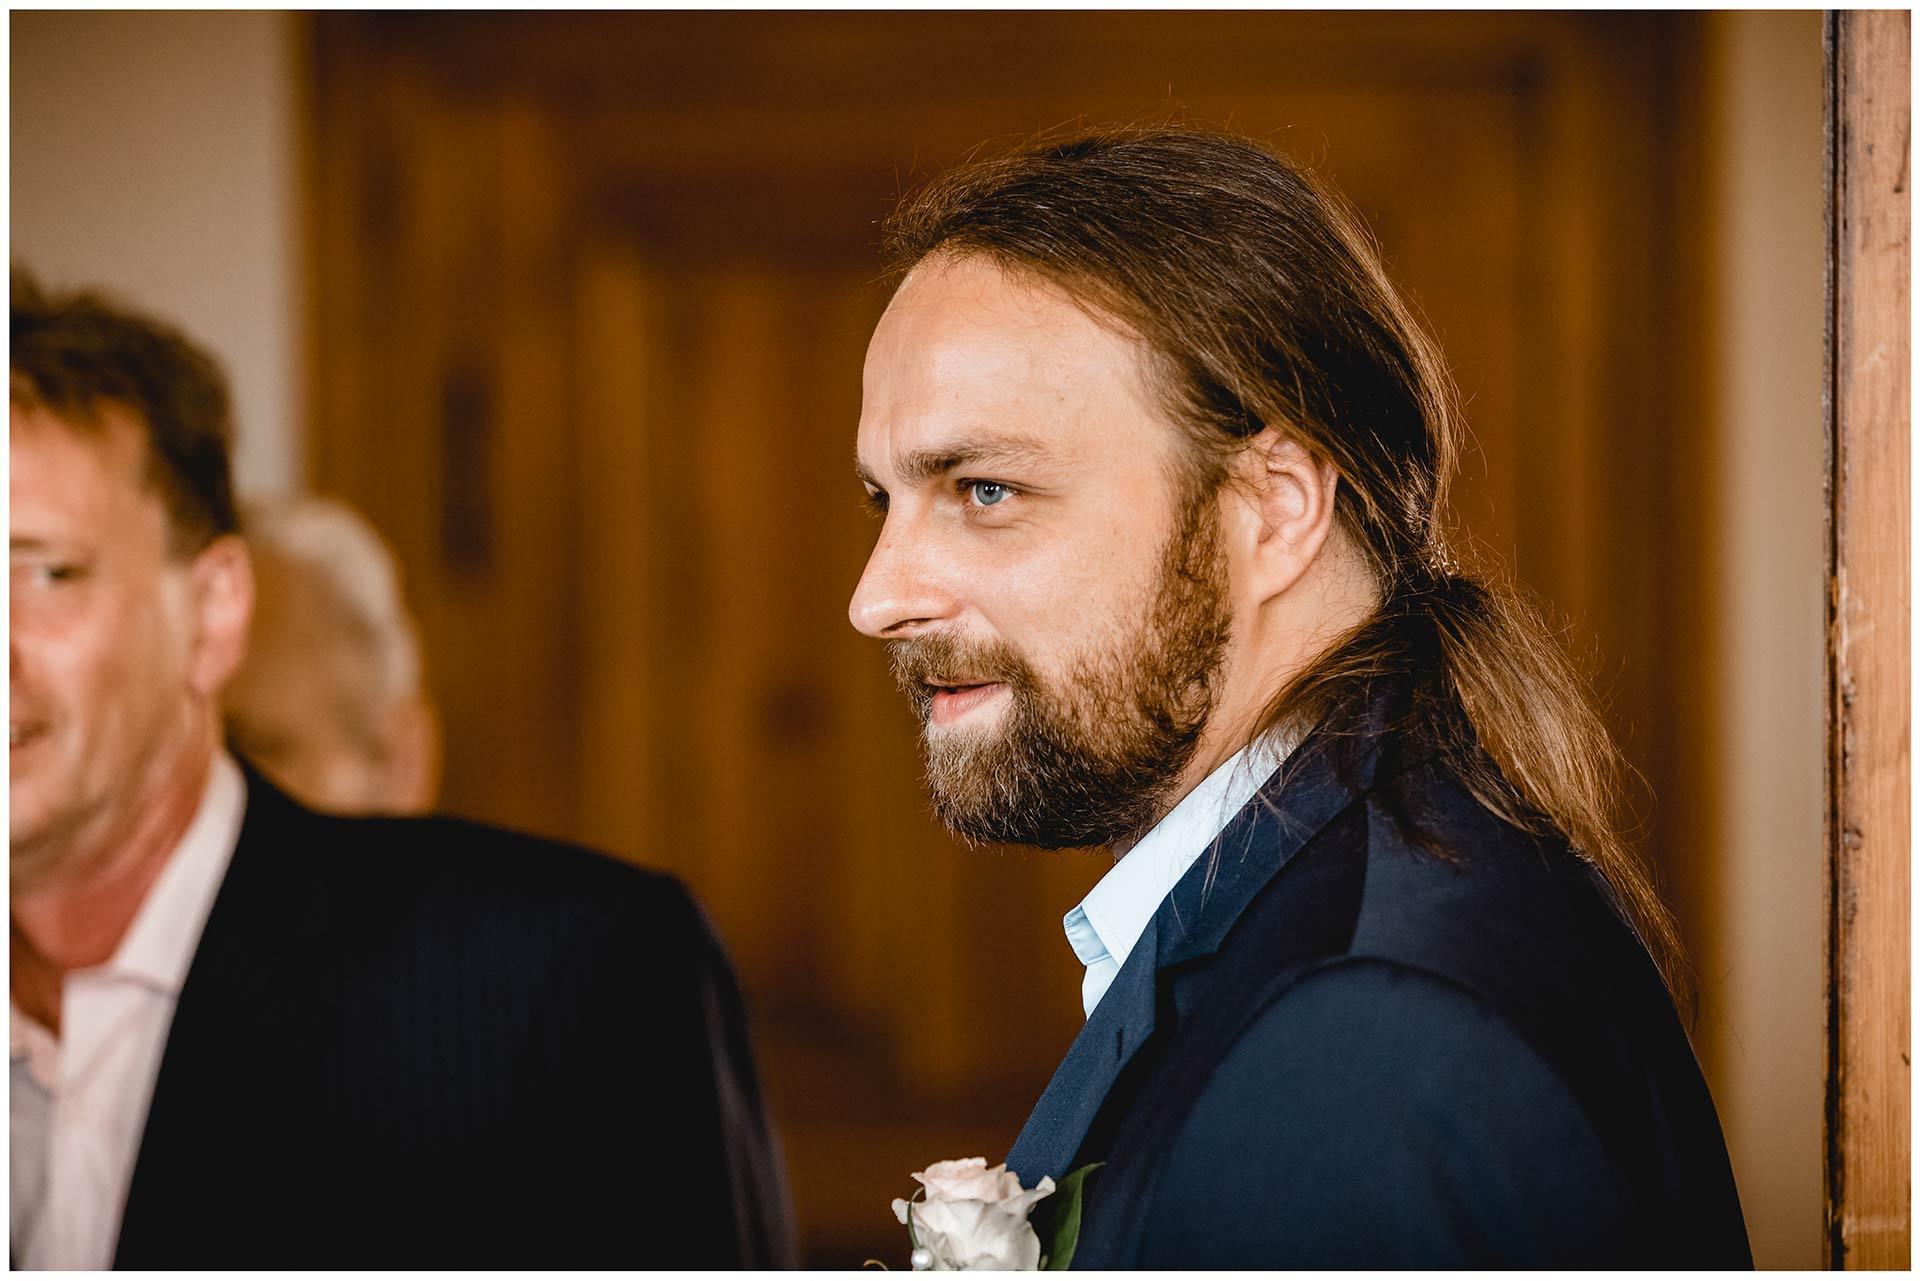 First look, Bräutigam sieht zum ersten Mal seine Braut am Hochzeitstag - Hochzeitsfotograf in Teterow